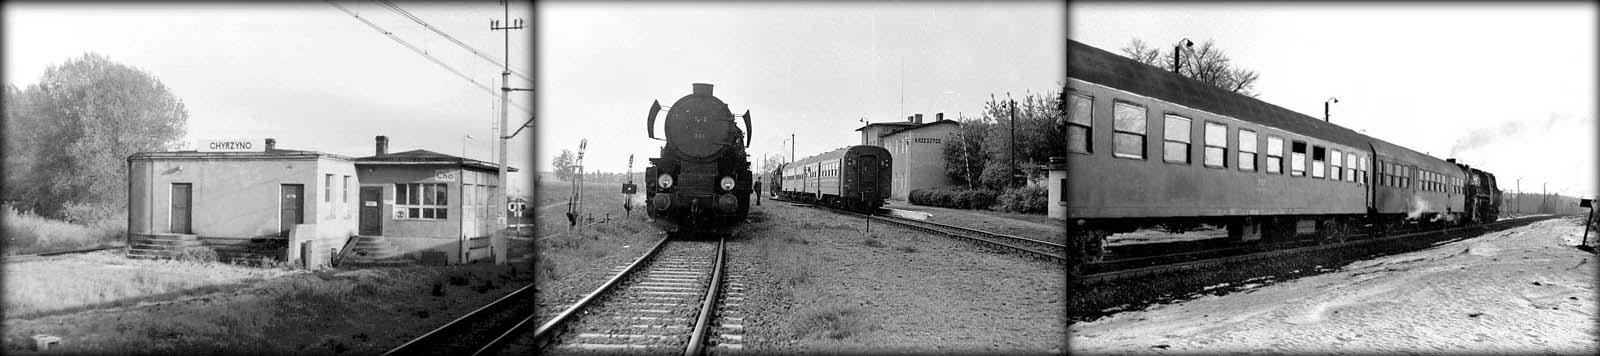 Po lewej jedyne zdjęcie stacji Chyrzyno, łączące Kolej od strony Rudnicy z koleją główną Kostrzyn - Zielona Góra. Po środku stacja Krzeszyce w maju 1986 roku, po prawej Płonica - Bolemin i pociąg w kierunku Rudnicy.